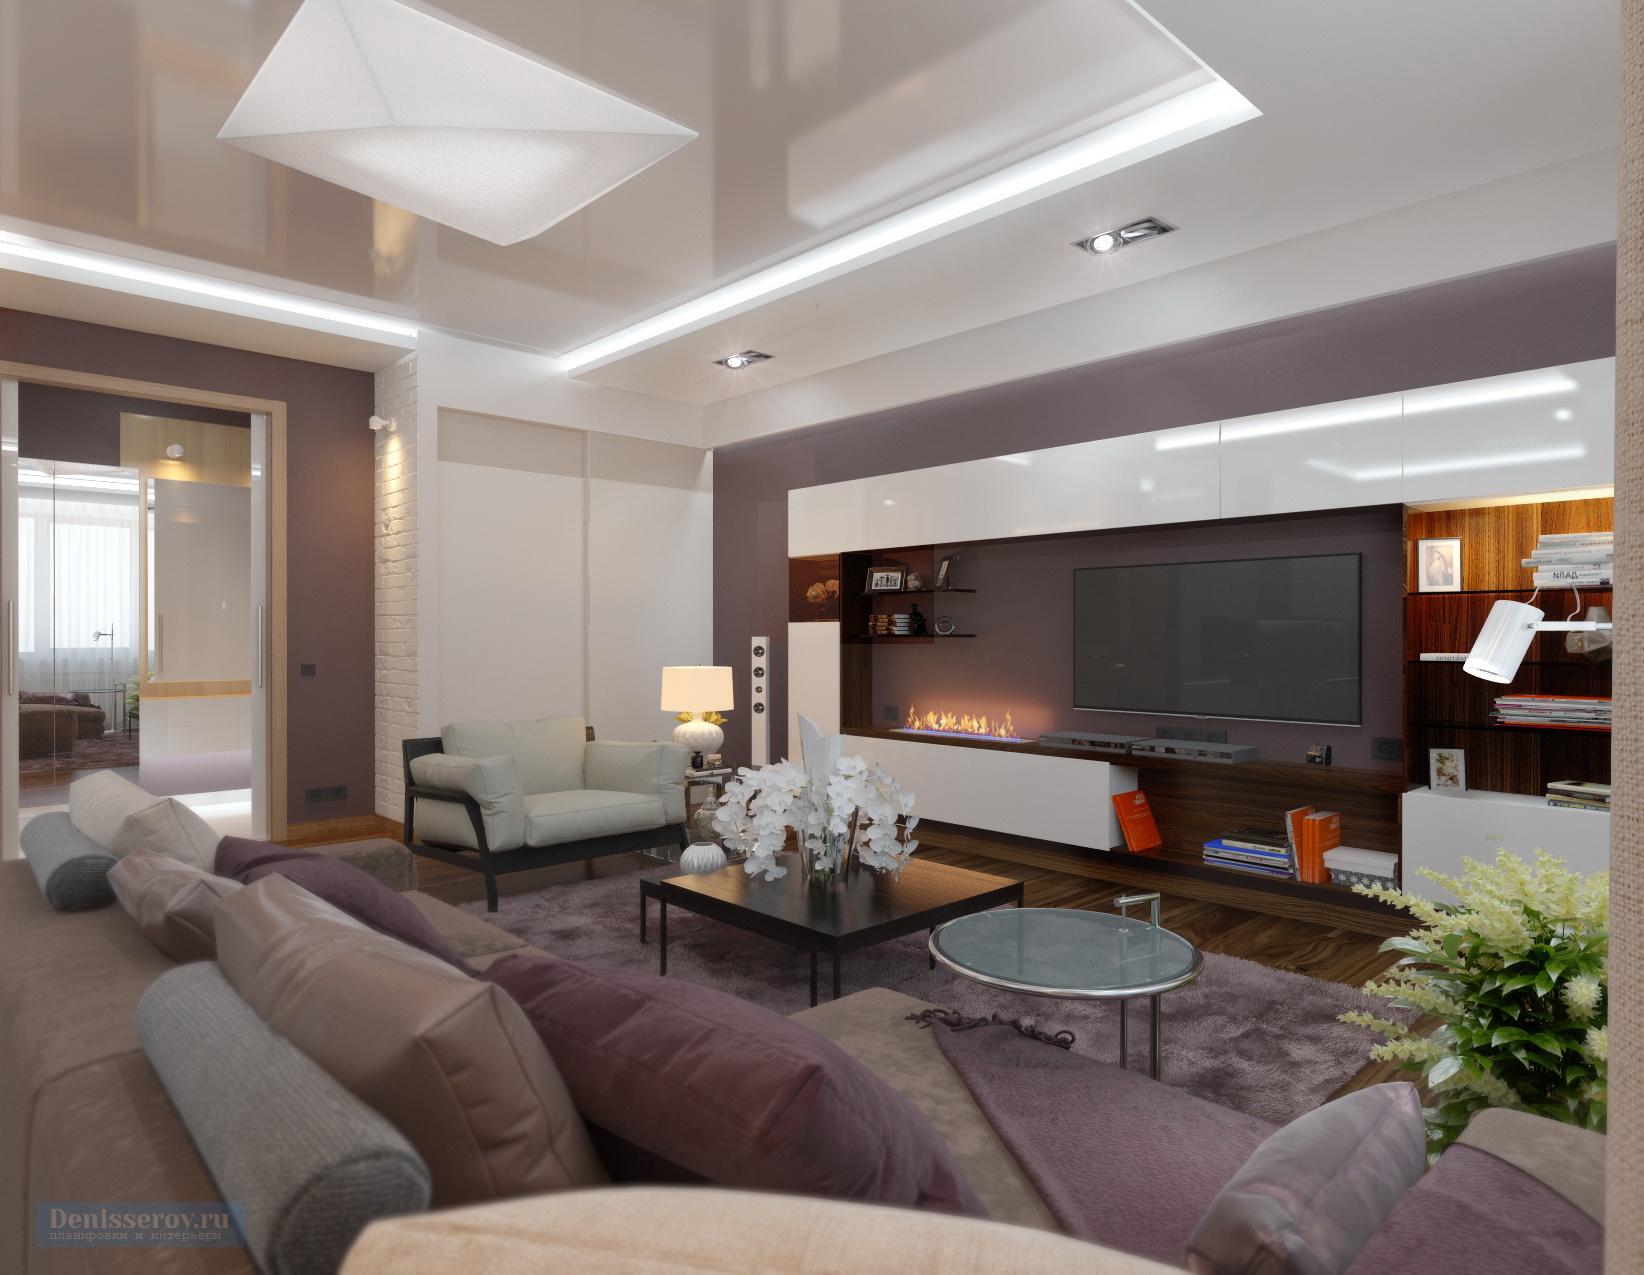 дизайн проект гостиной 25 квм в современном стиле студия дениса